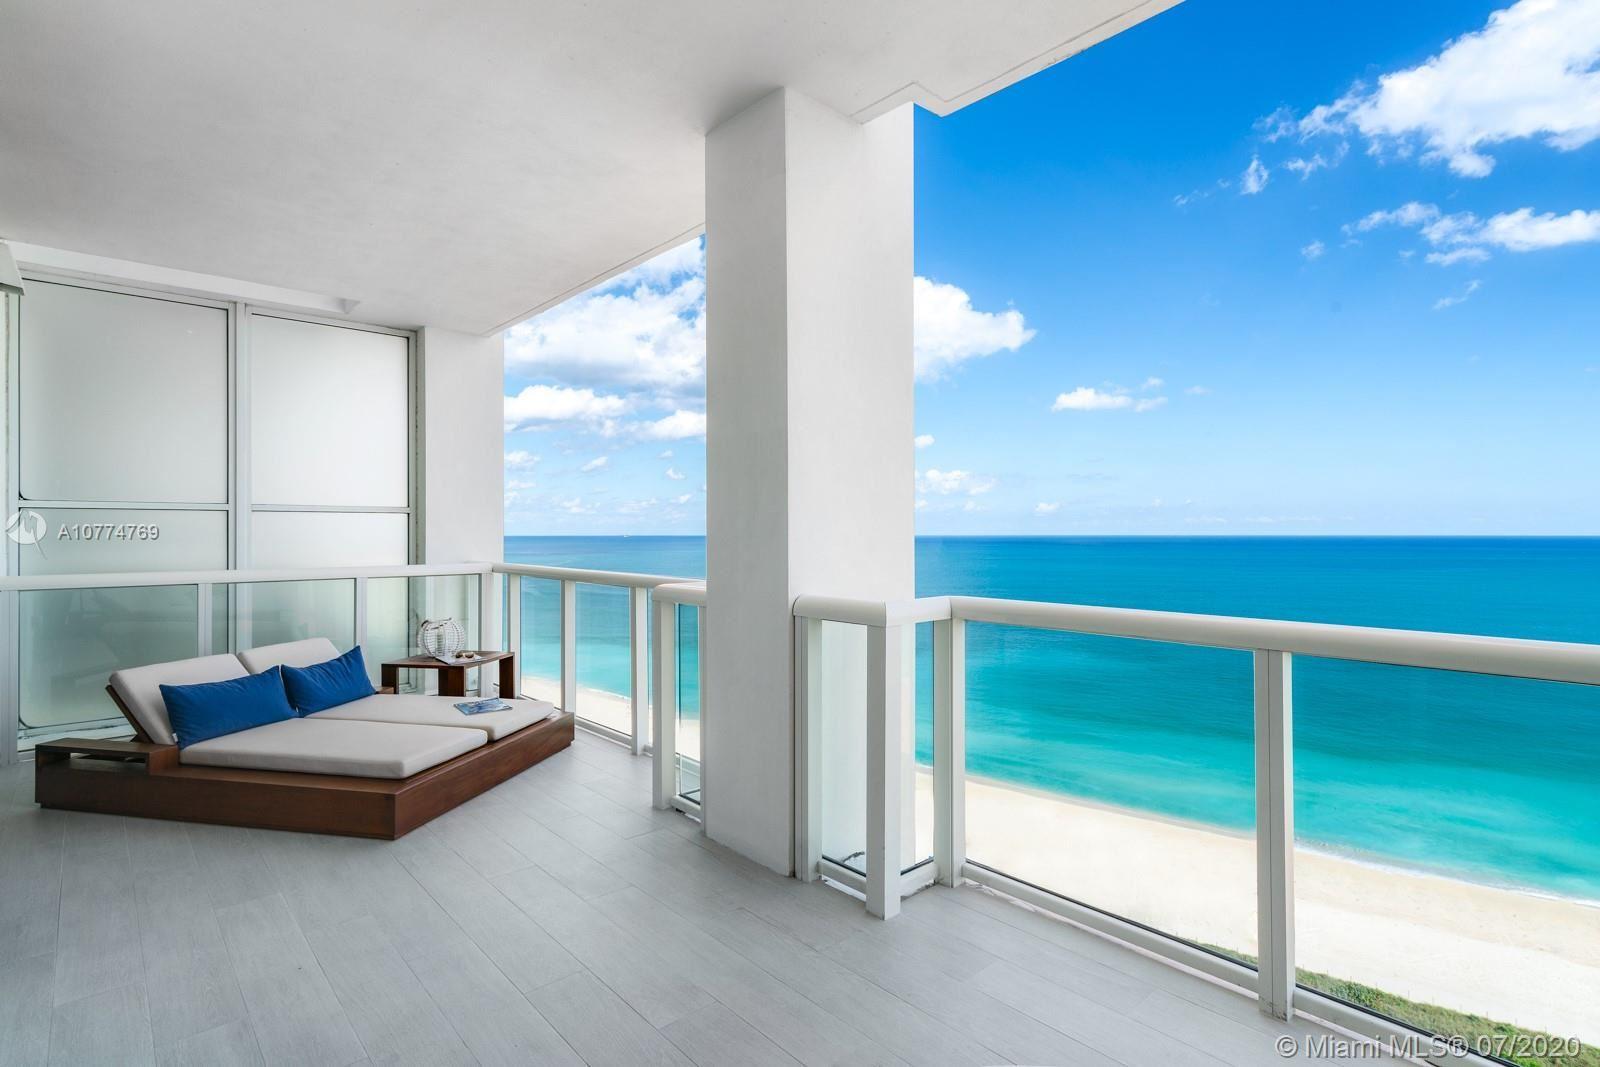 50 S Pointe Dr #2502, Miami Beach, FL 33139 - #: A10774769